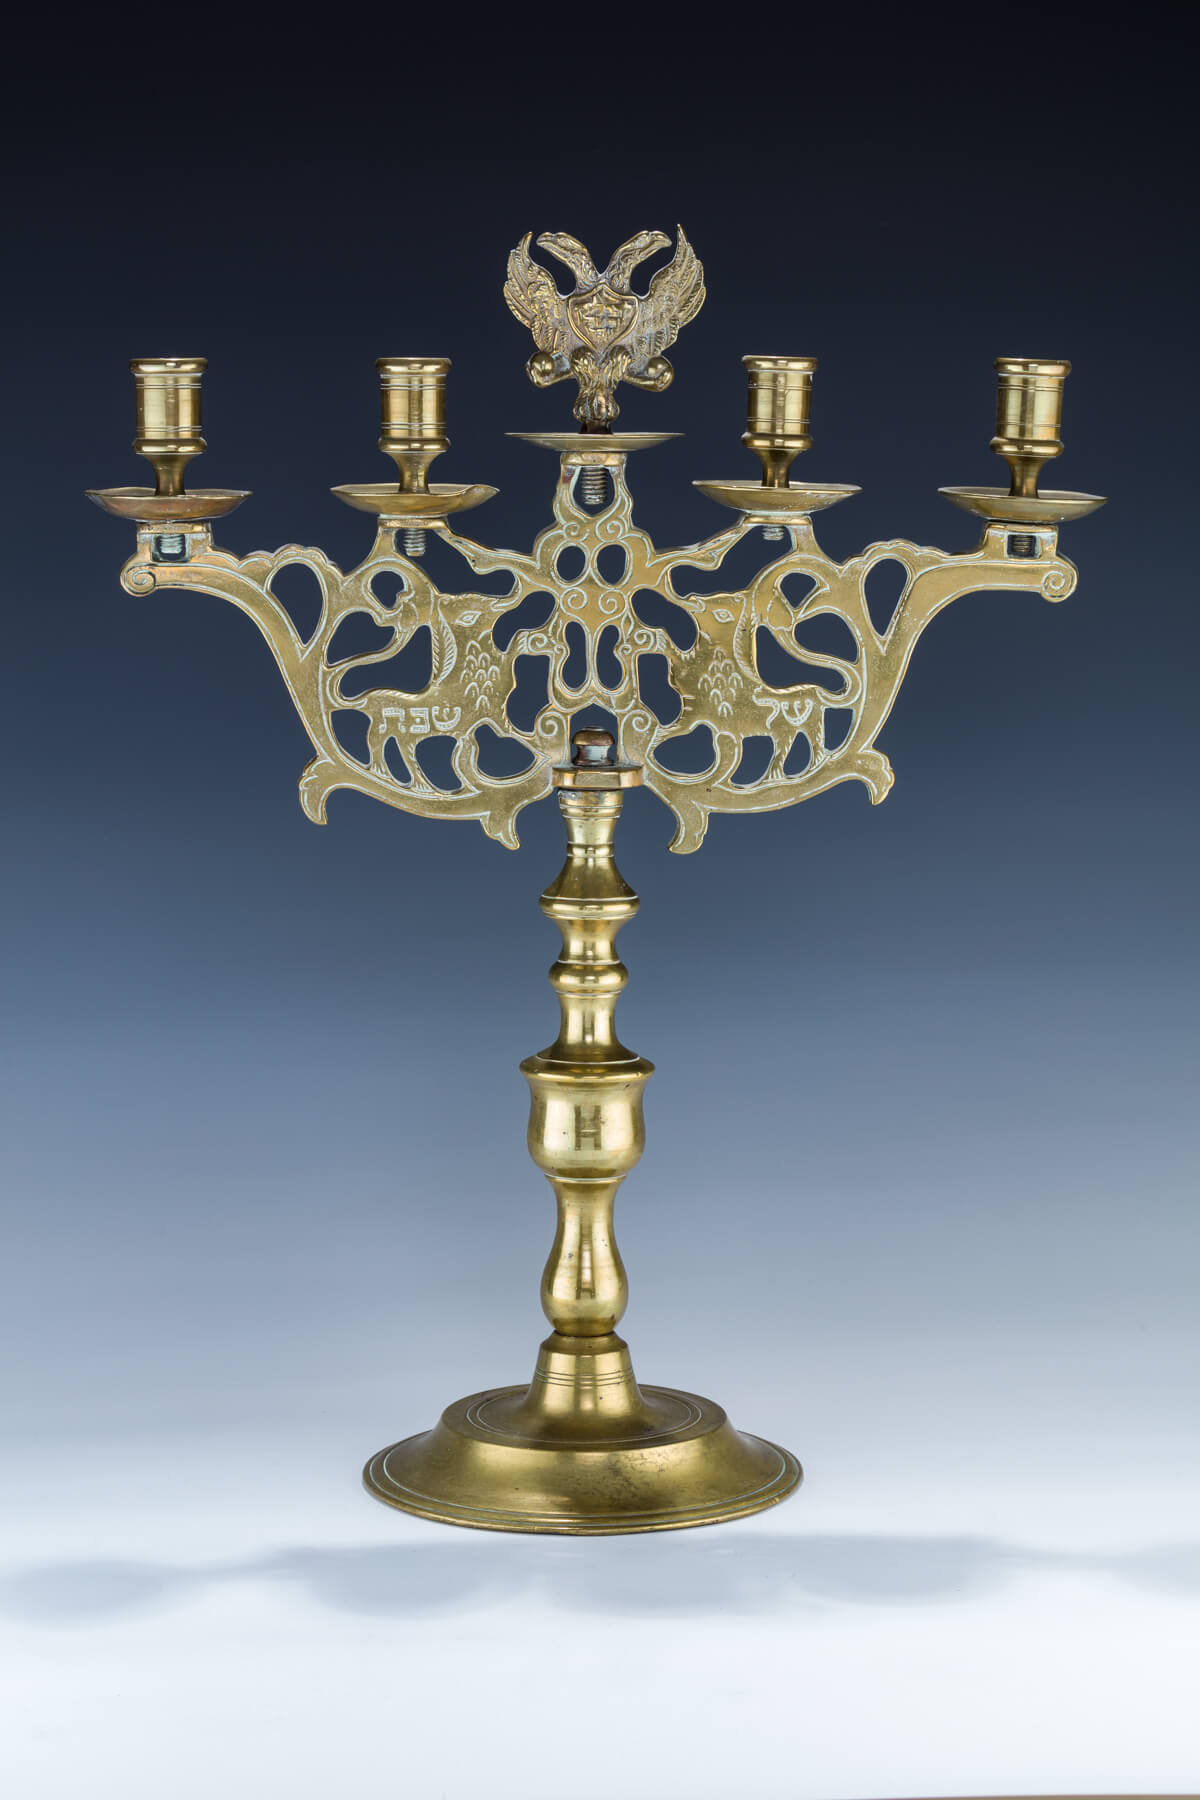 58. A Large Brass Sabbath Candelabra